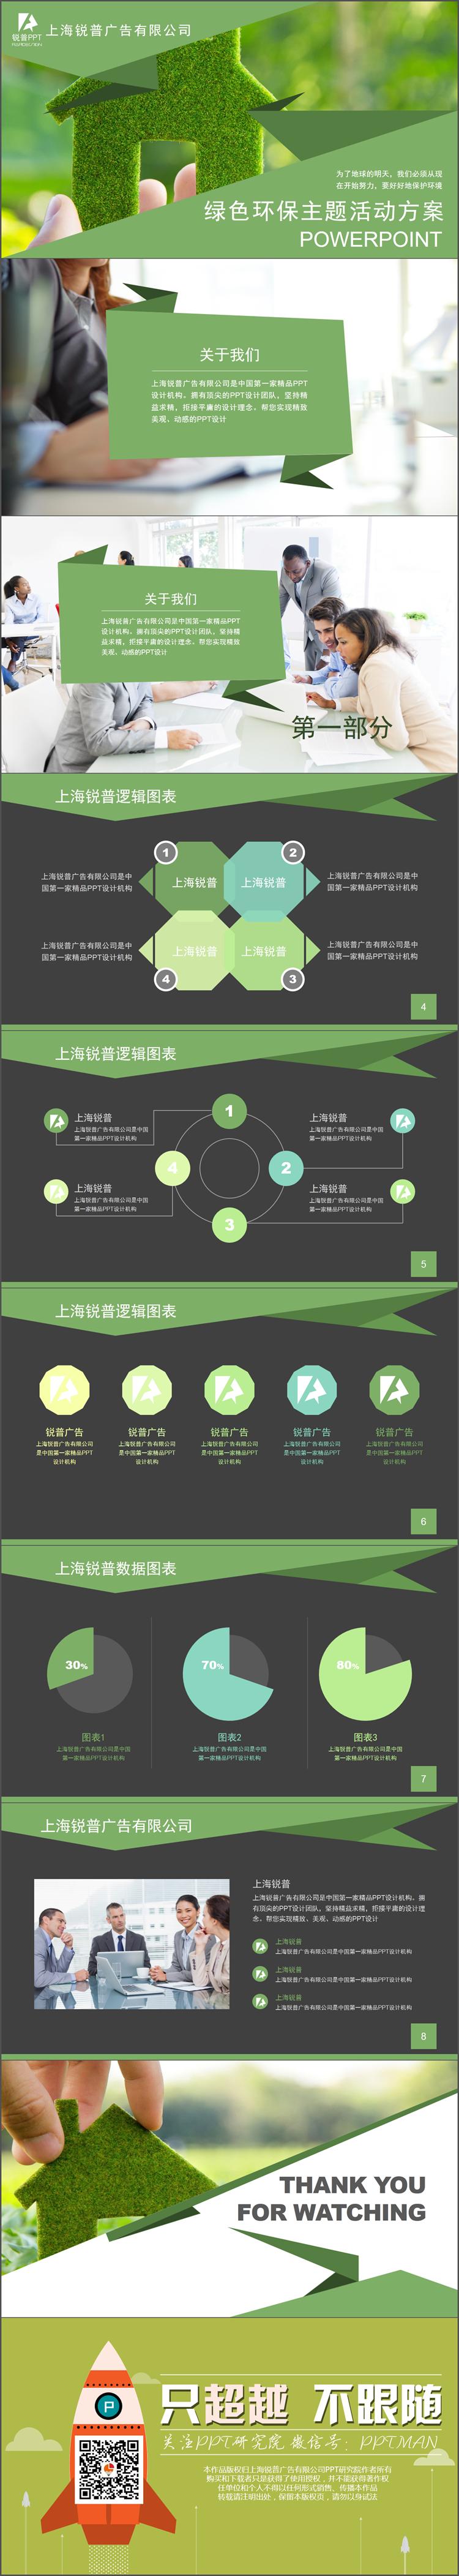 绿色环保主题活动方案